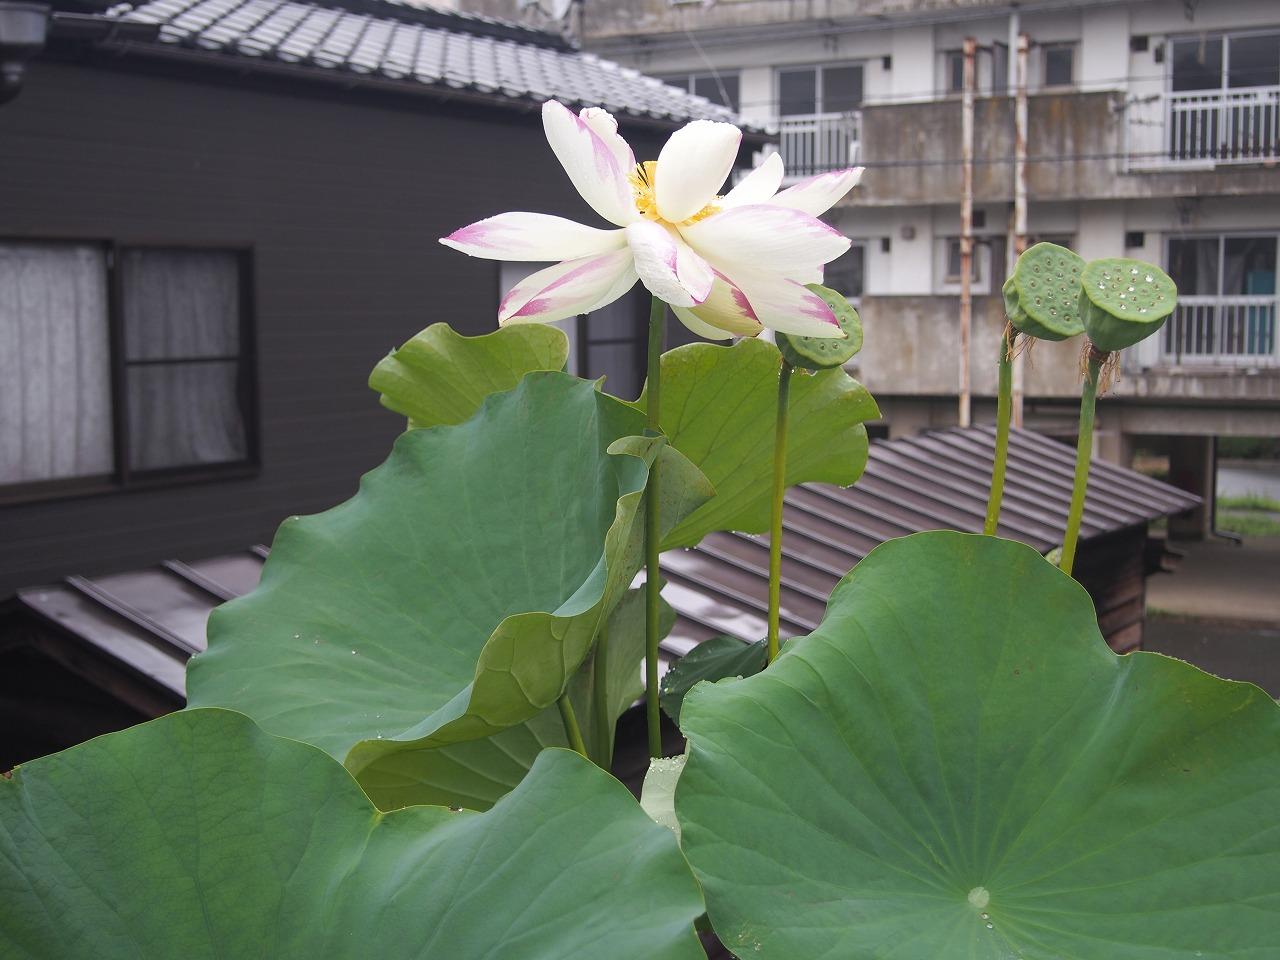 20170810-Lotus_TenjikuMadarabasu-O01.jpg